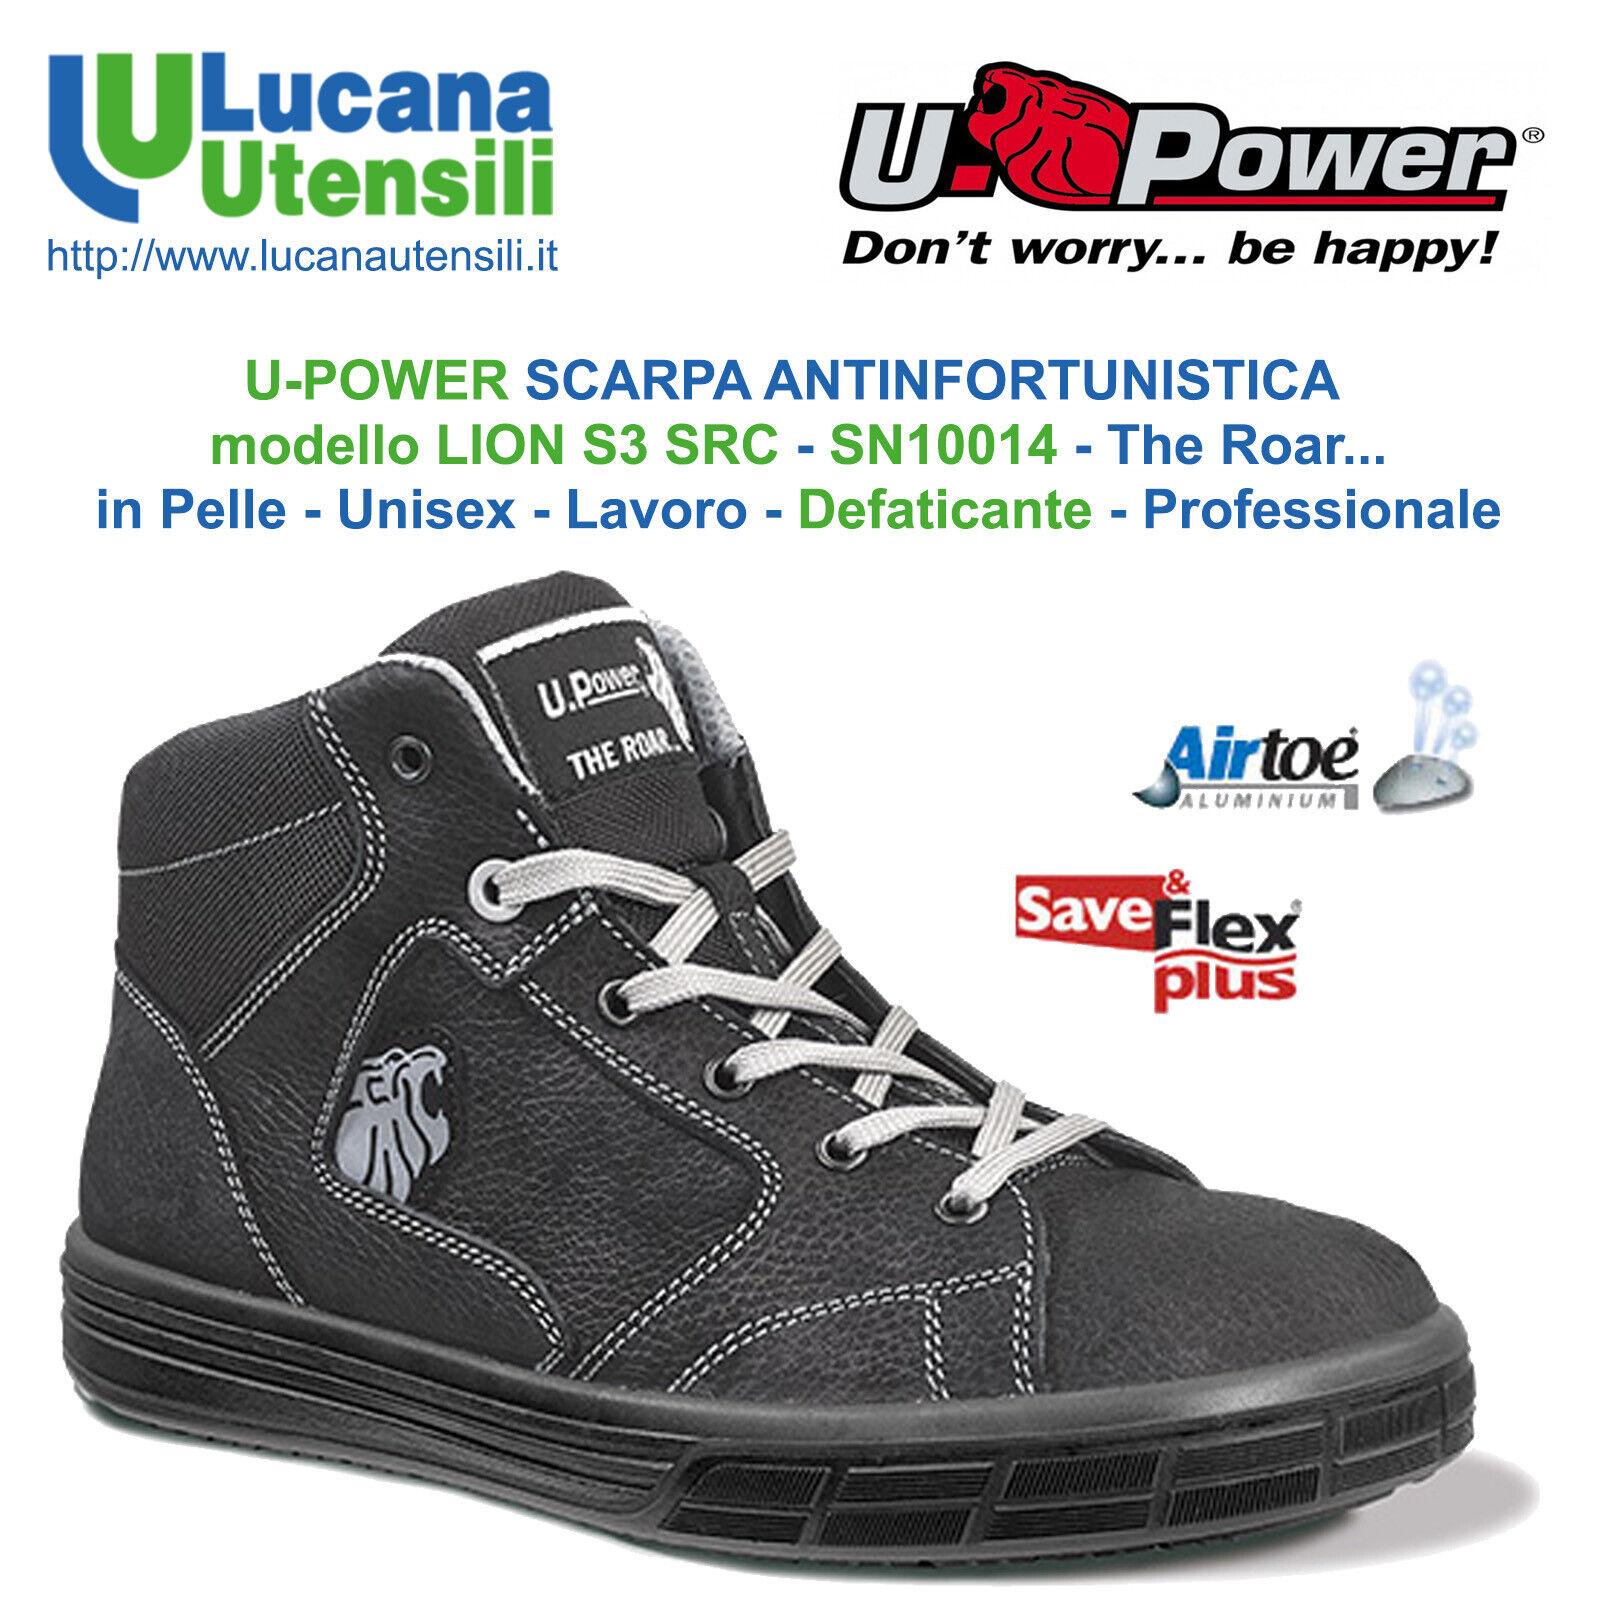 Upower Sicherheitsschuhe Lion S3 Src Haut Arbeit Unisex Schuhe Angebot